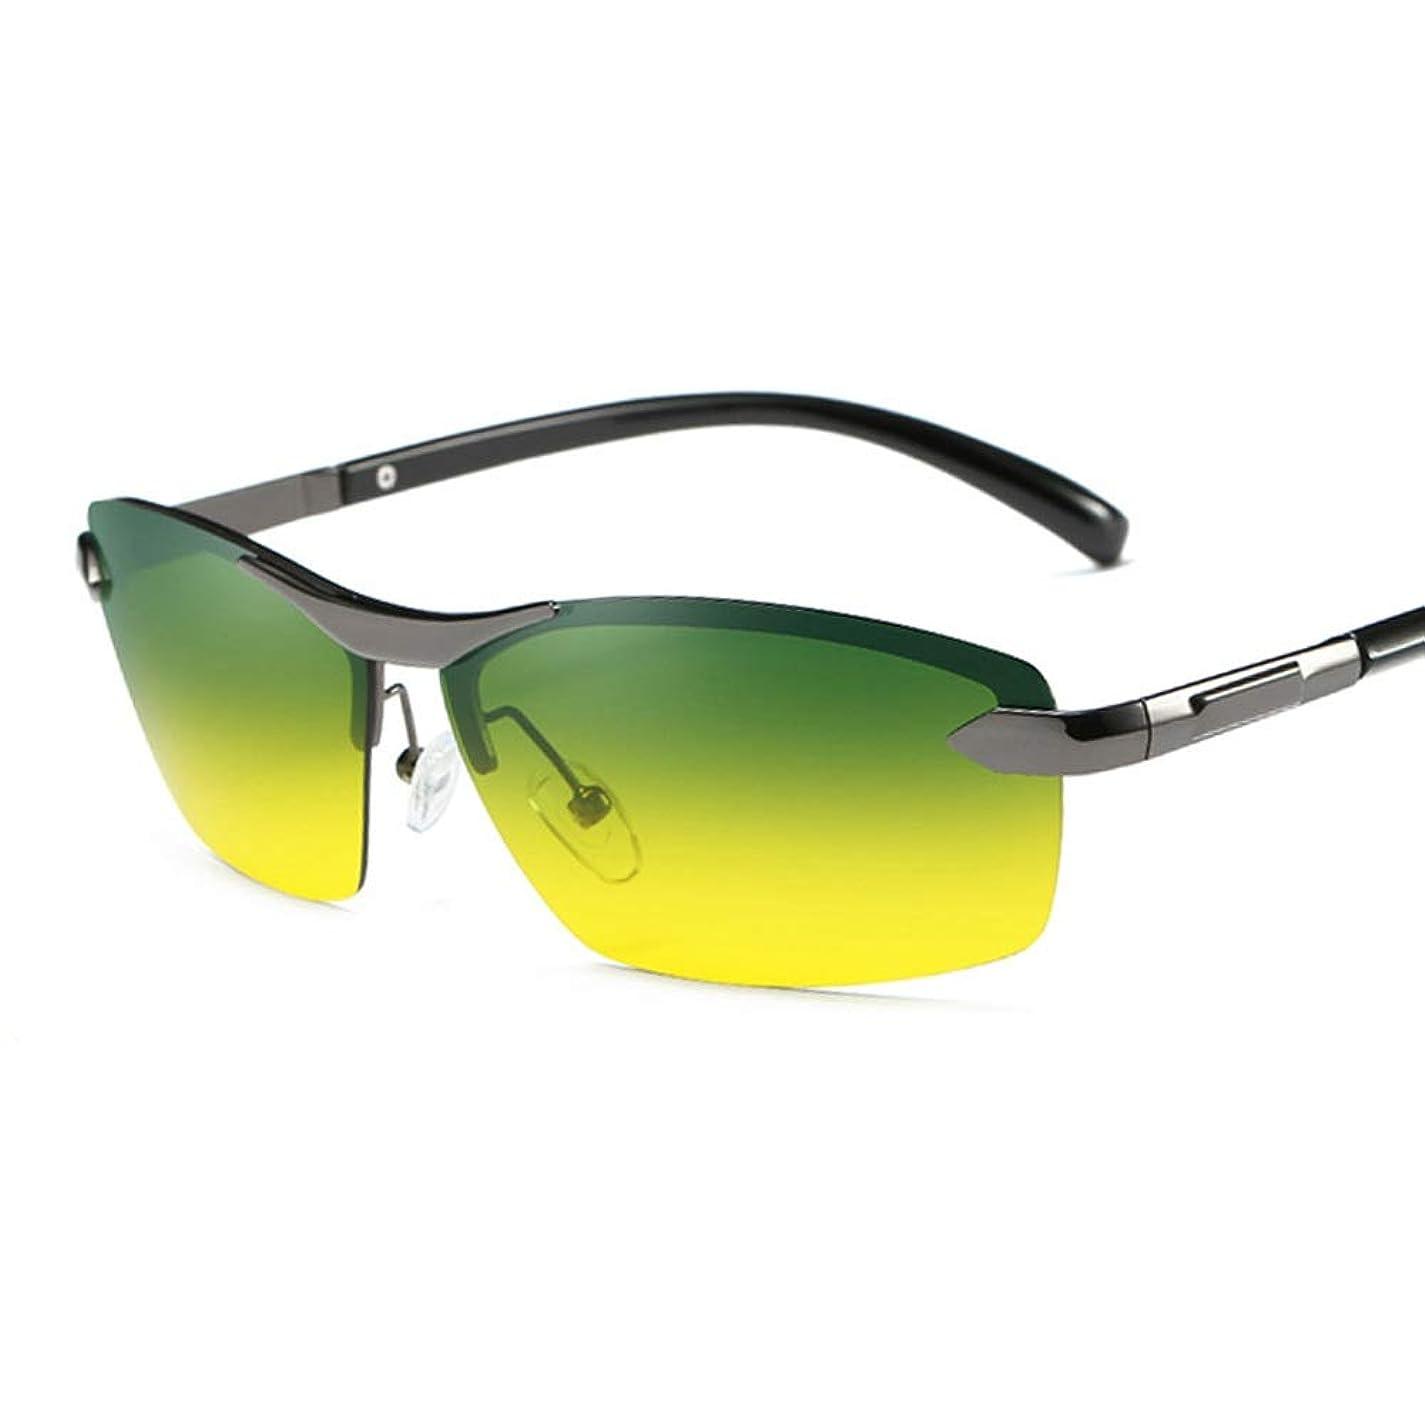 鈍い勃起ベッドを作るサングラス ドライビングデイナイト兼用偏光ドライブサングラスヘッドライトを楽にし、ビューを固定UV400メガネワイプケース付きケースドライビングメガネ用, ファッションサングラス